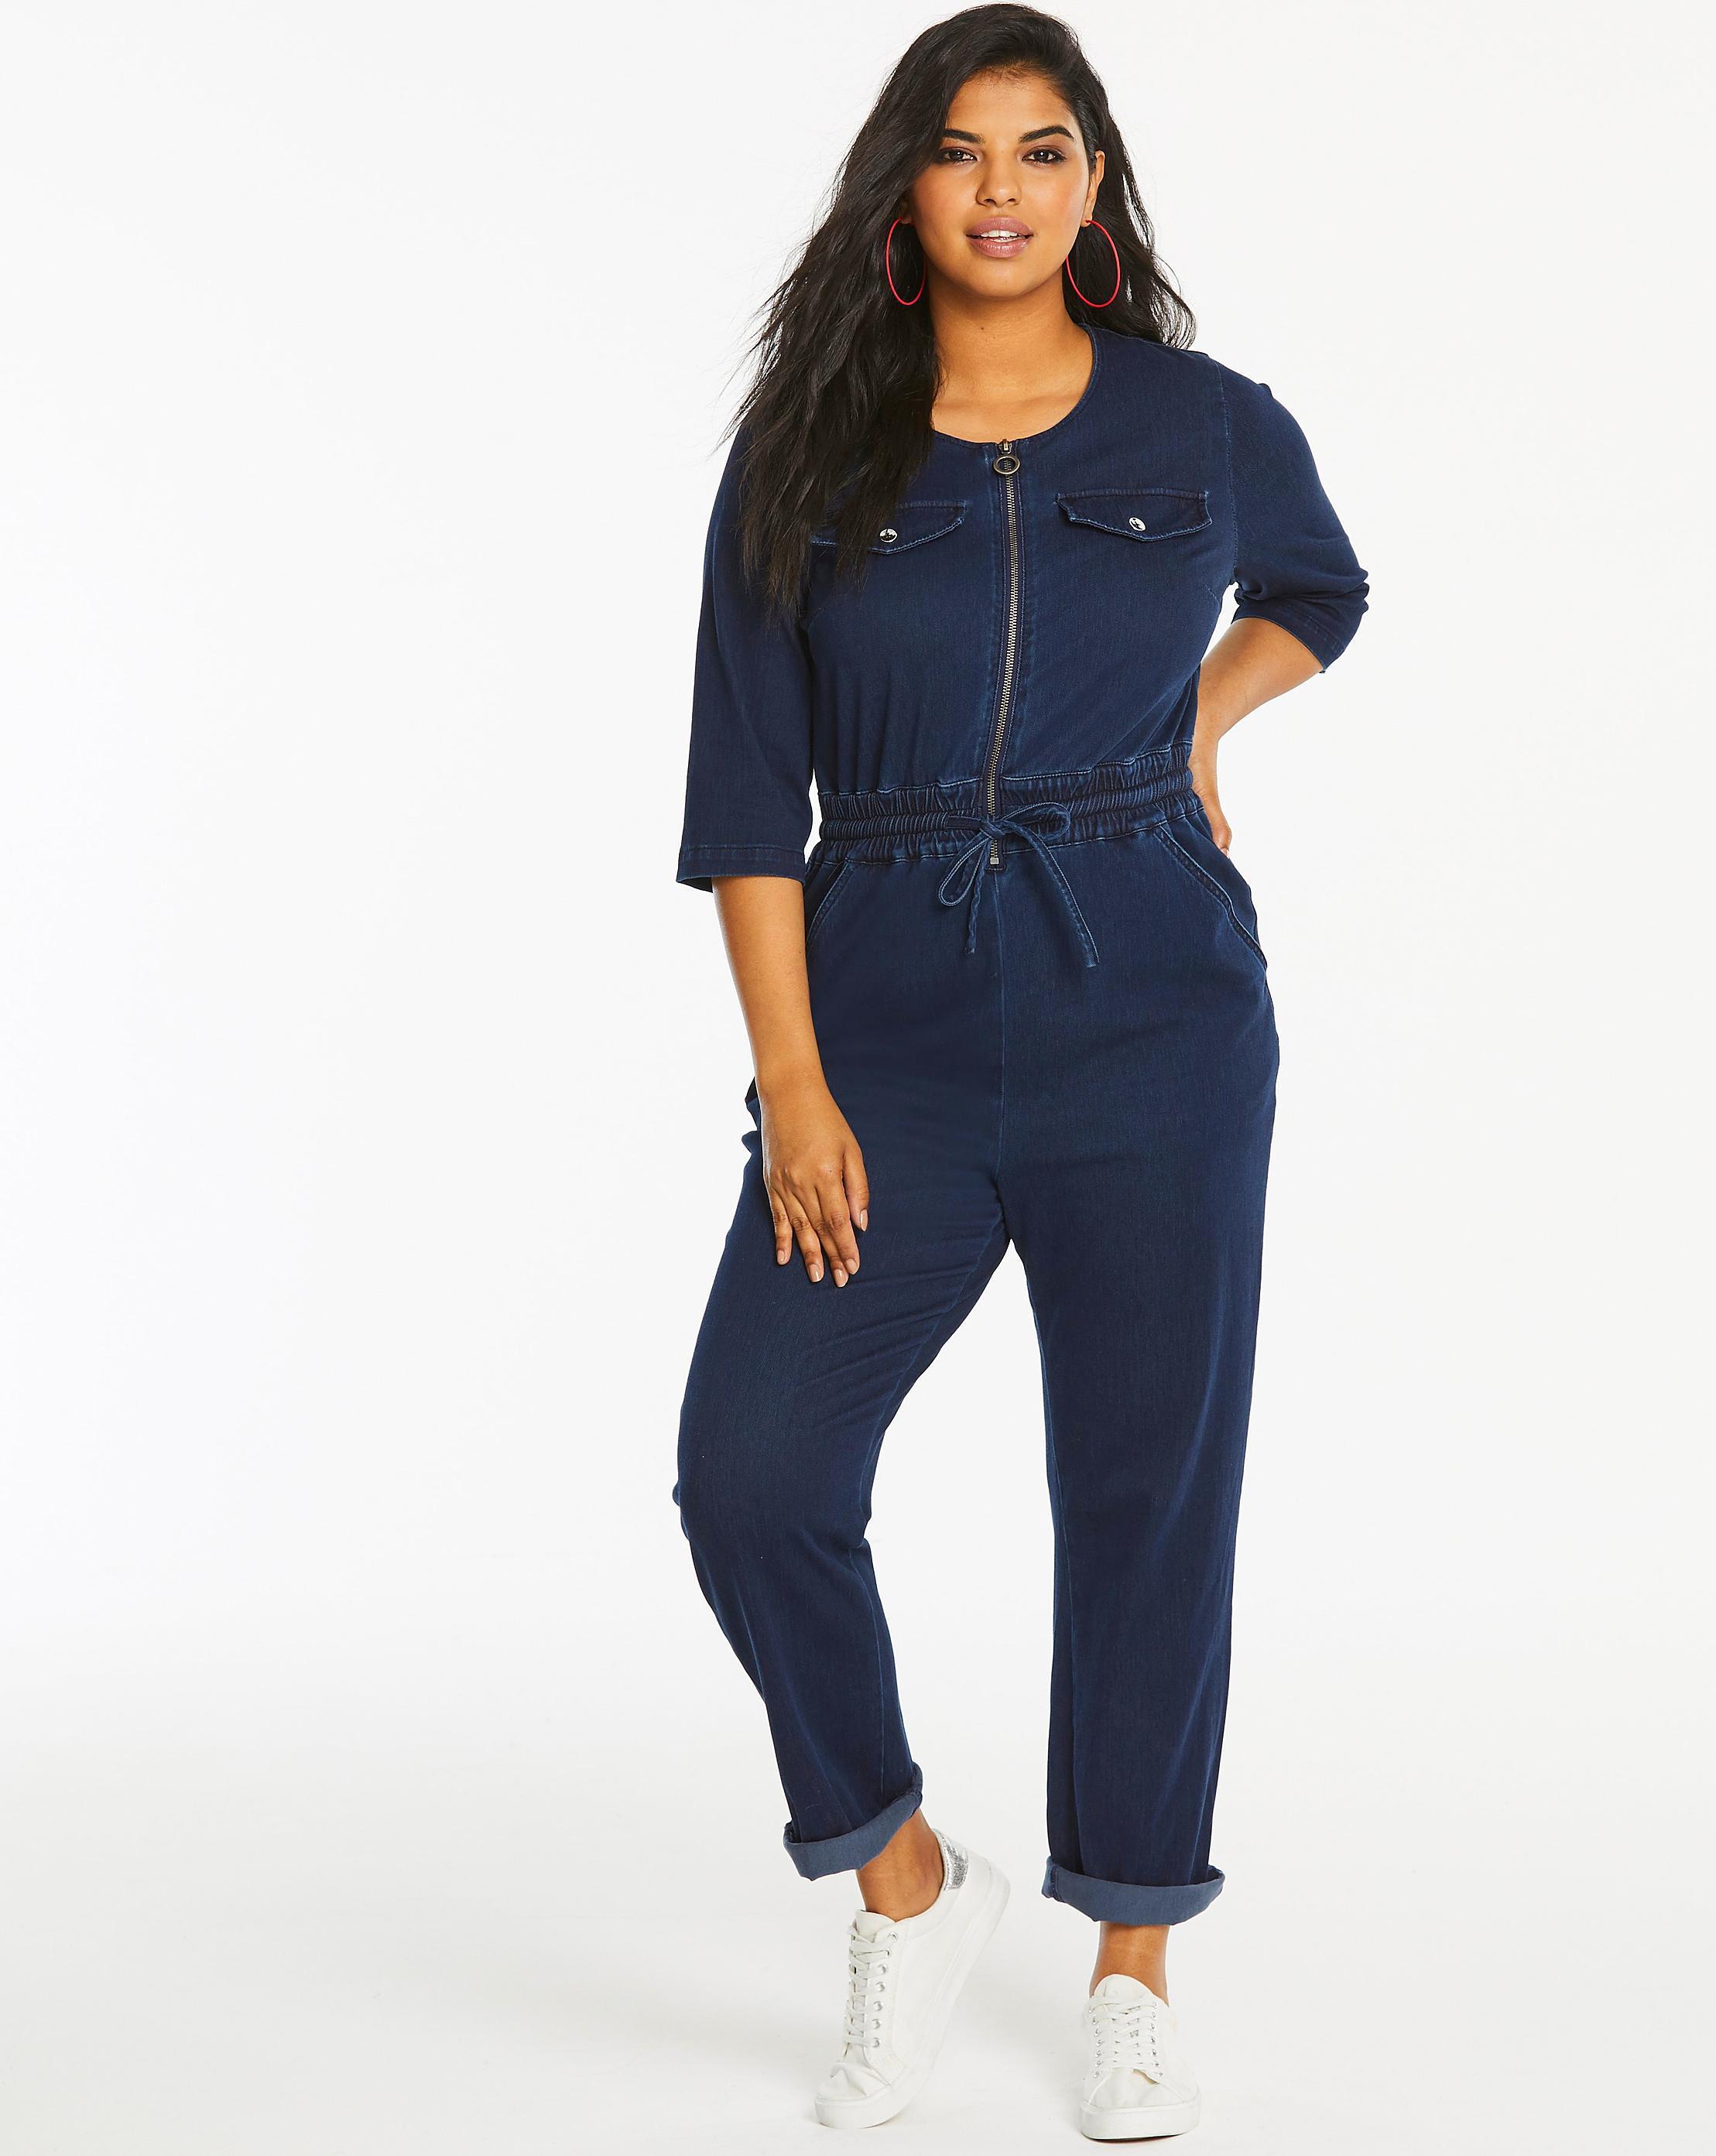 be02bf9e30608 Women s Blue Jersey Denim Zipper Front Tapered Leg Jumpsuit